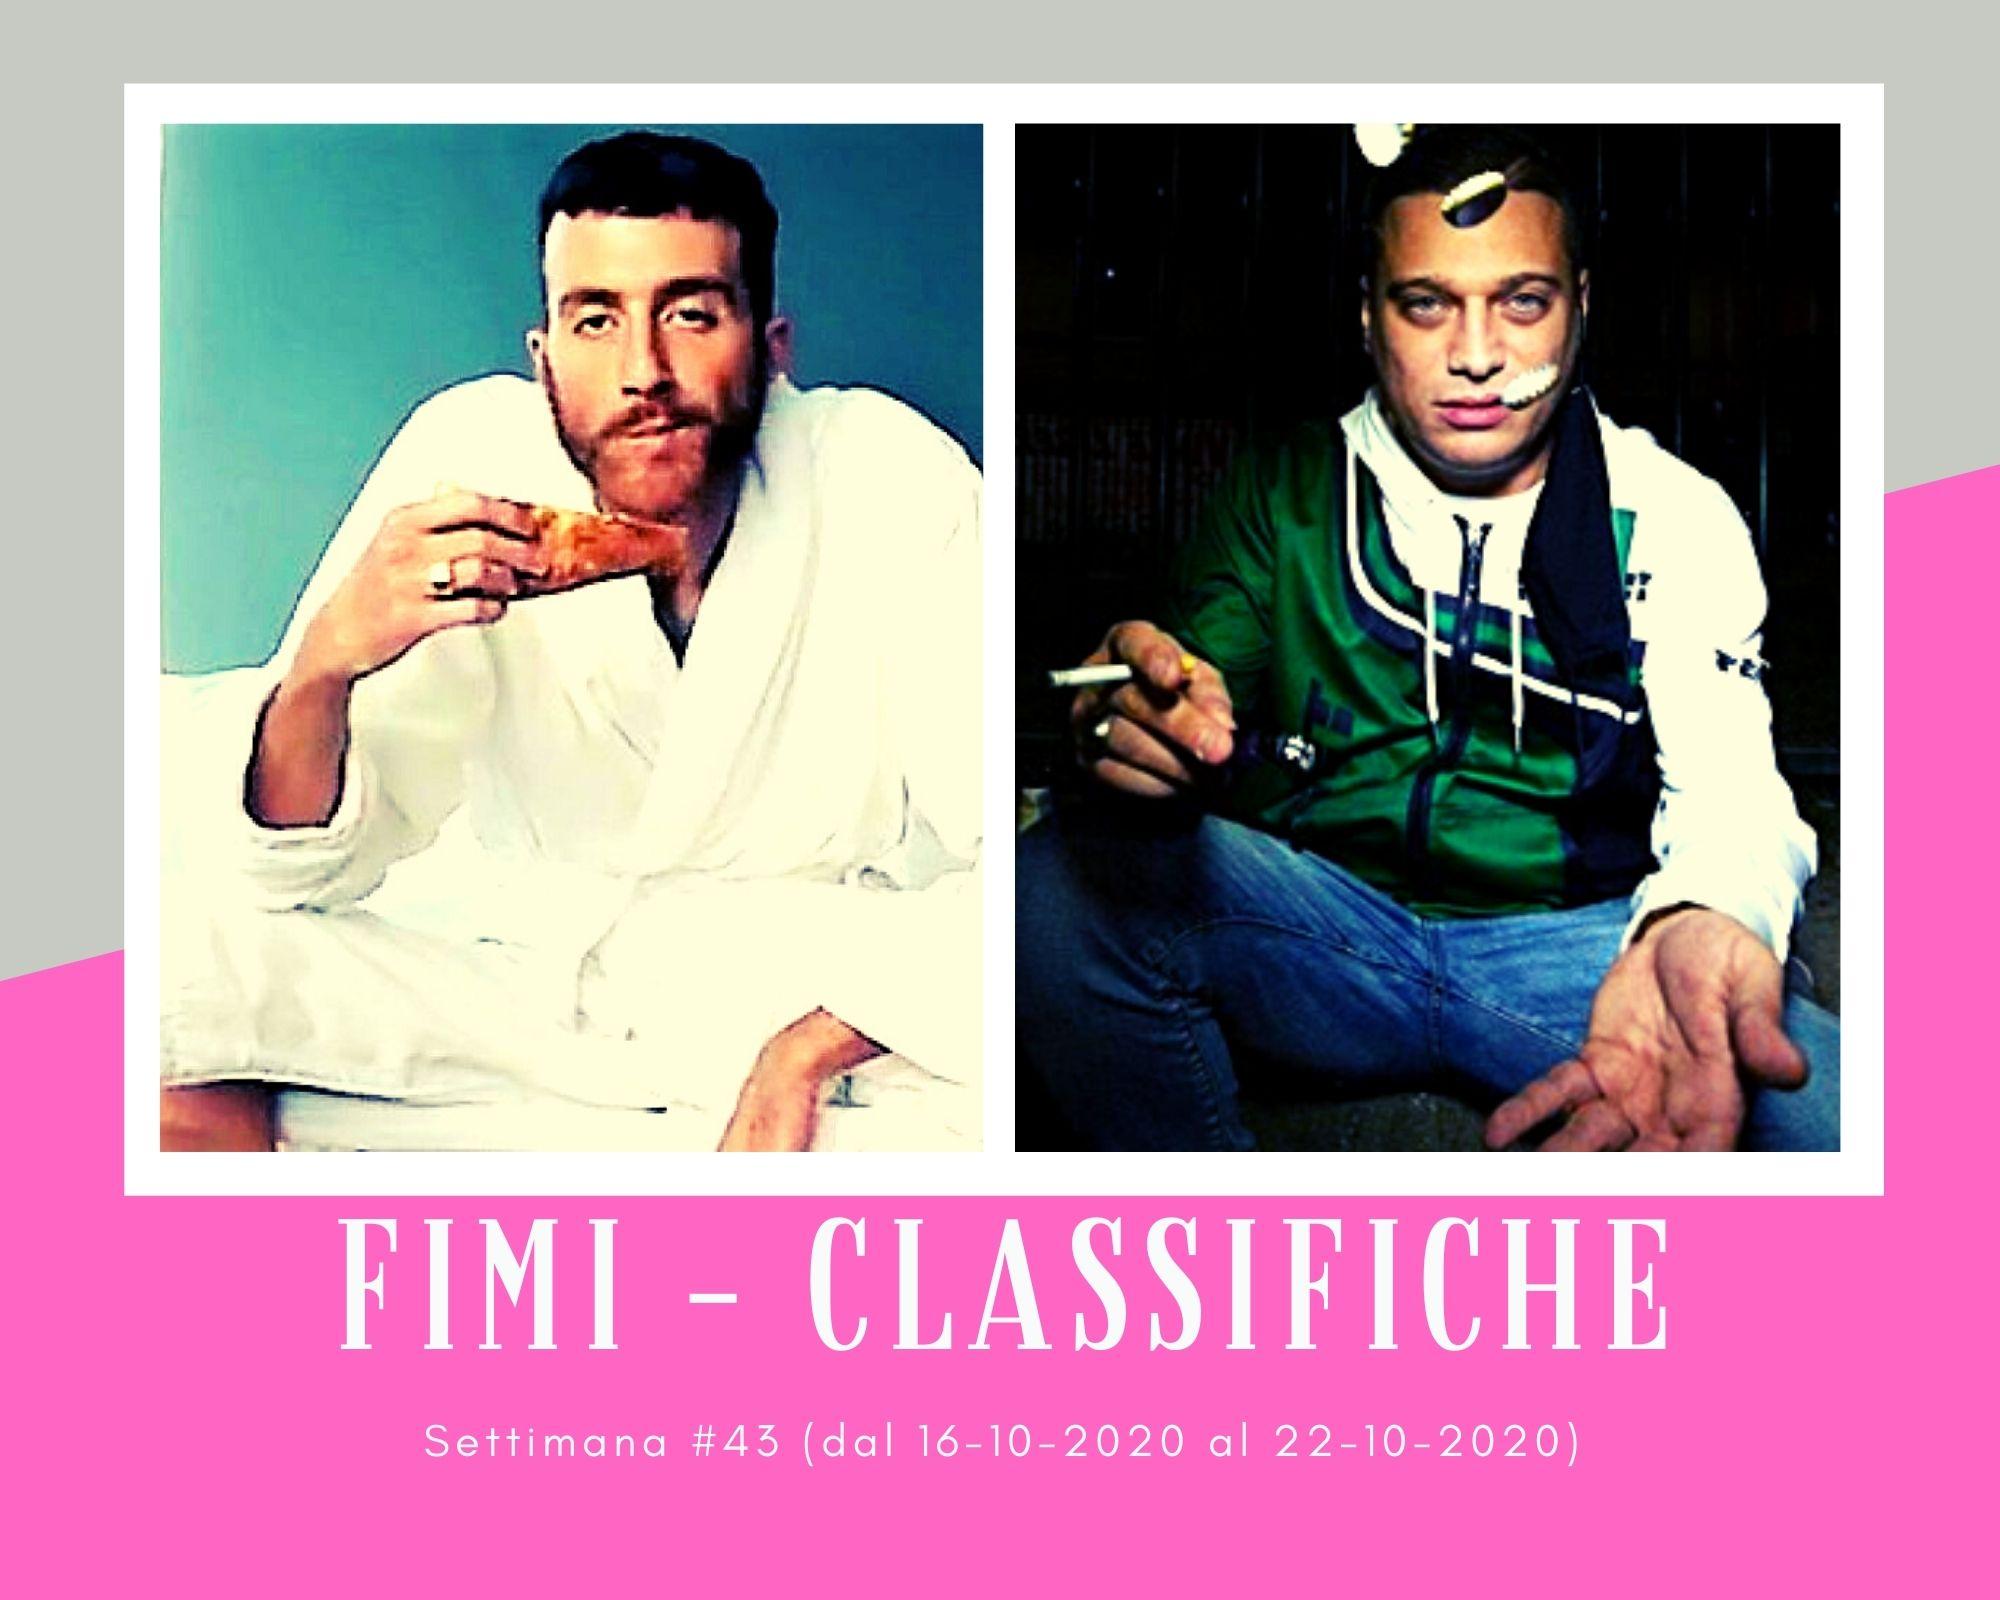 Classifiche FIMI, week 43. Mecna e Speranza oscurano Francesco Bianconi e Samuele Bersani. La trap italiana blocca il cantautorato di qualità